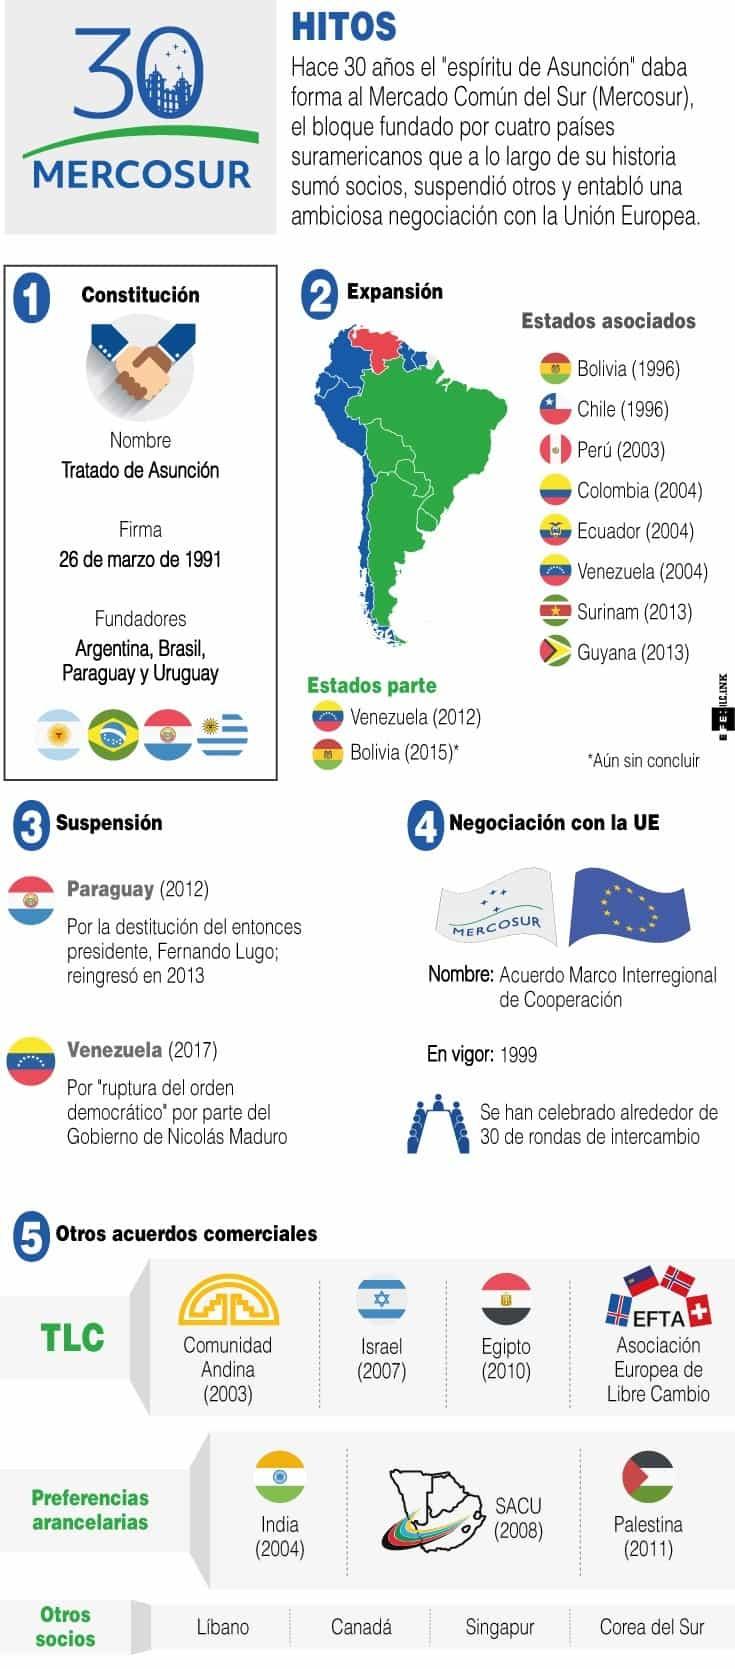 [Infografía] - Mercosur 30 años – Hitos 1